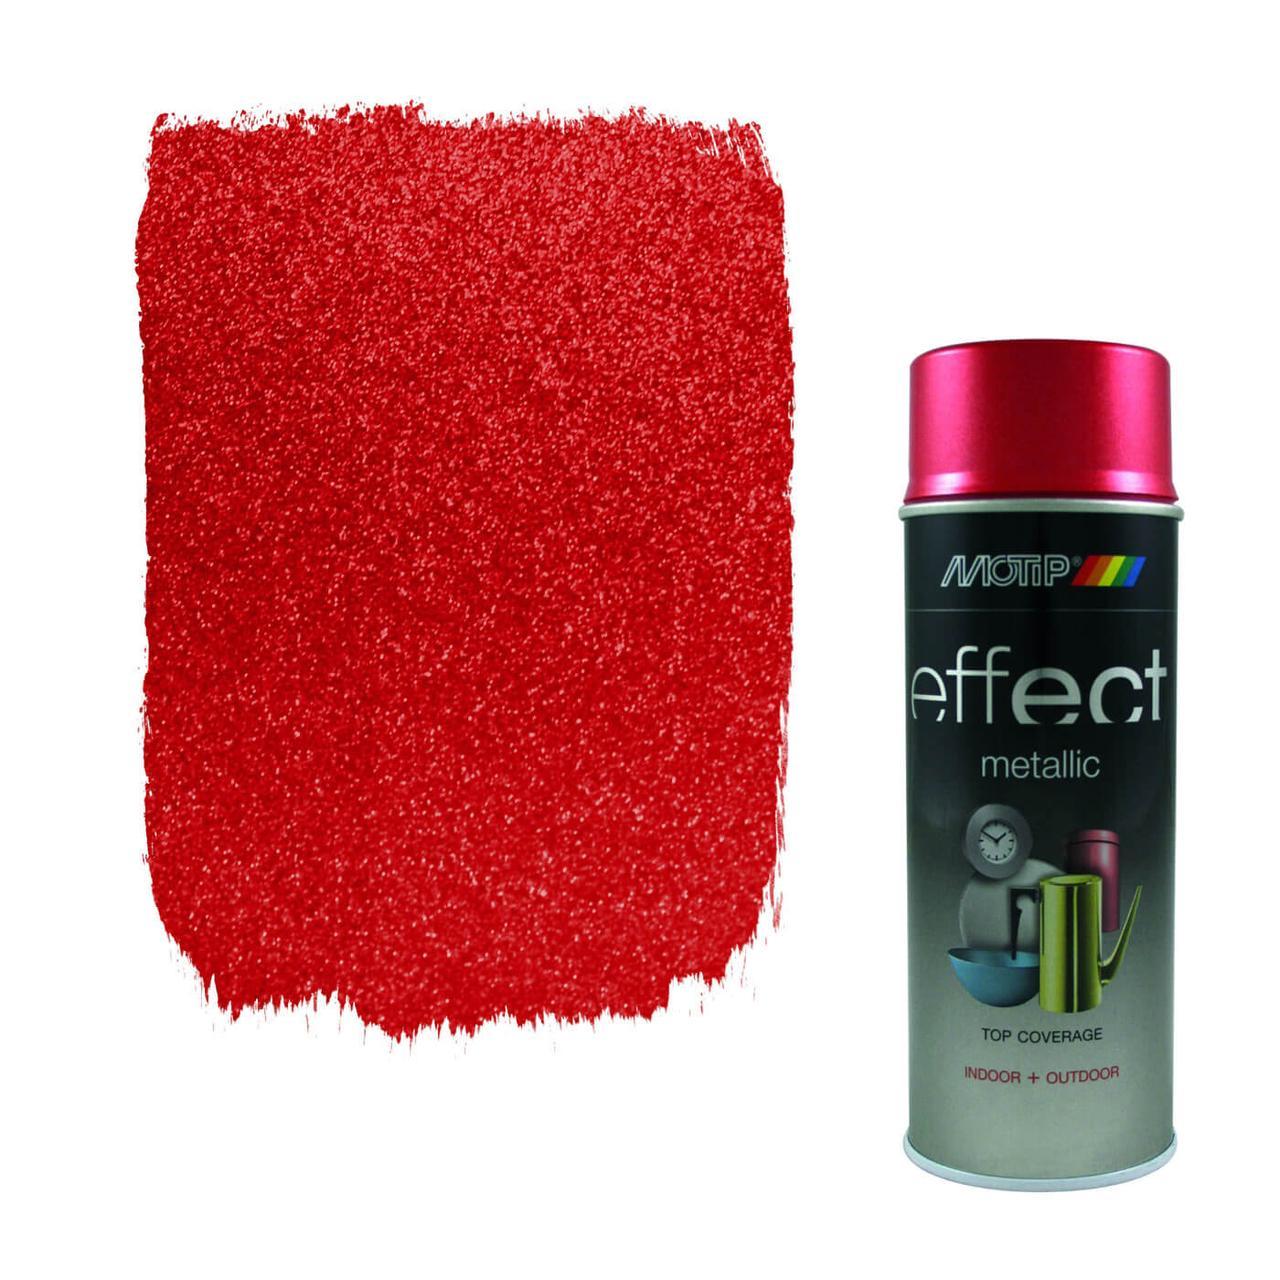 Эмаль с эффектом металлик Motip Deco Effect Metallic, 400 мл Аэрозоль Красный